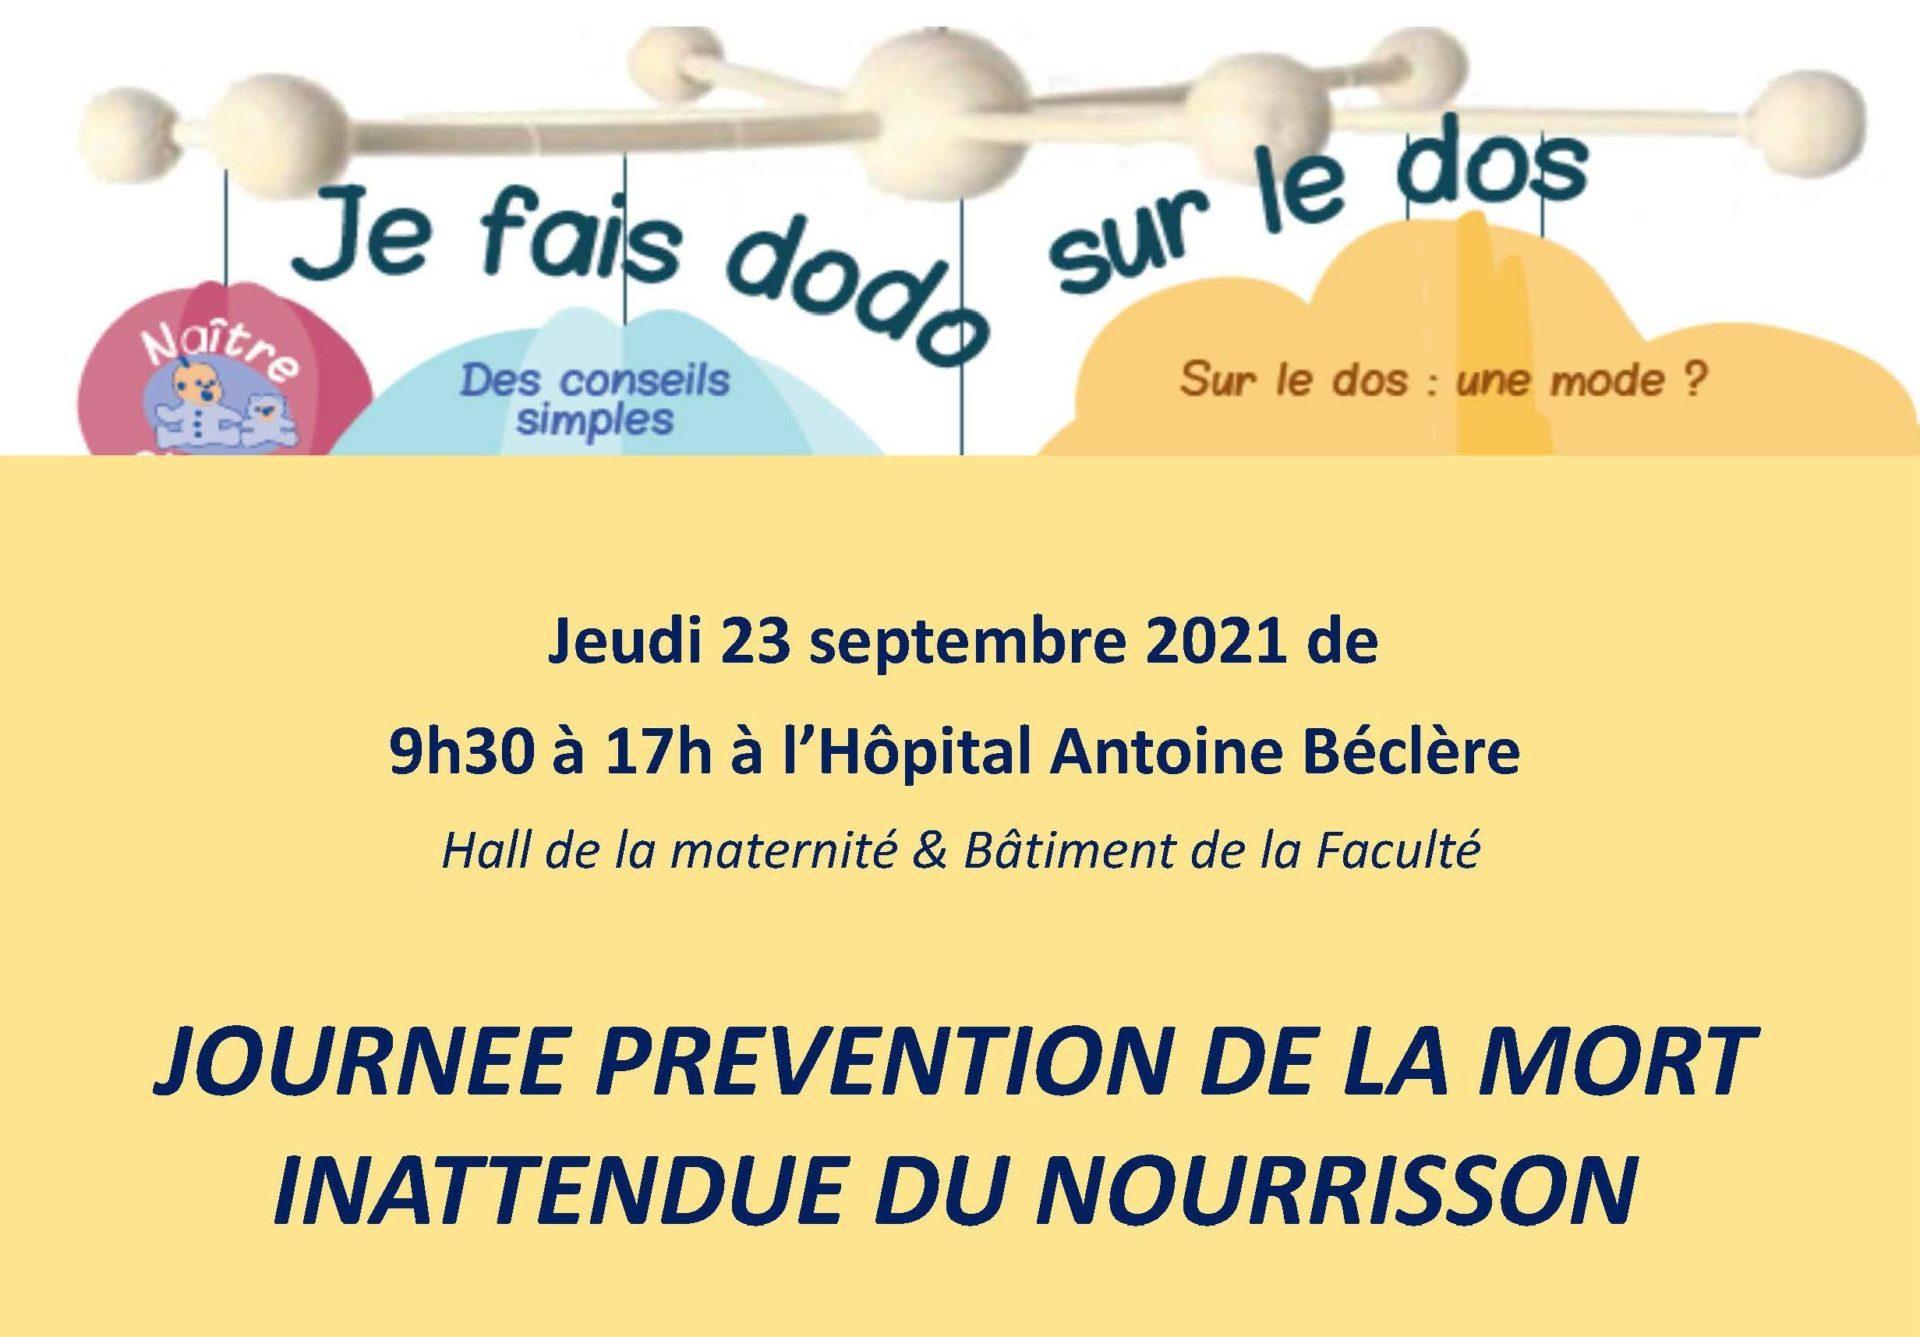 Semaine nationale de prévention de la MIN 2021